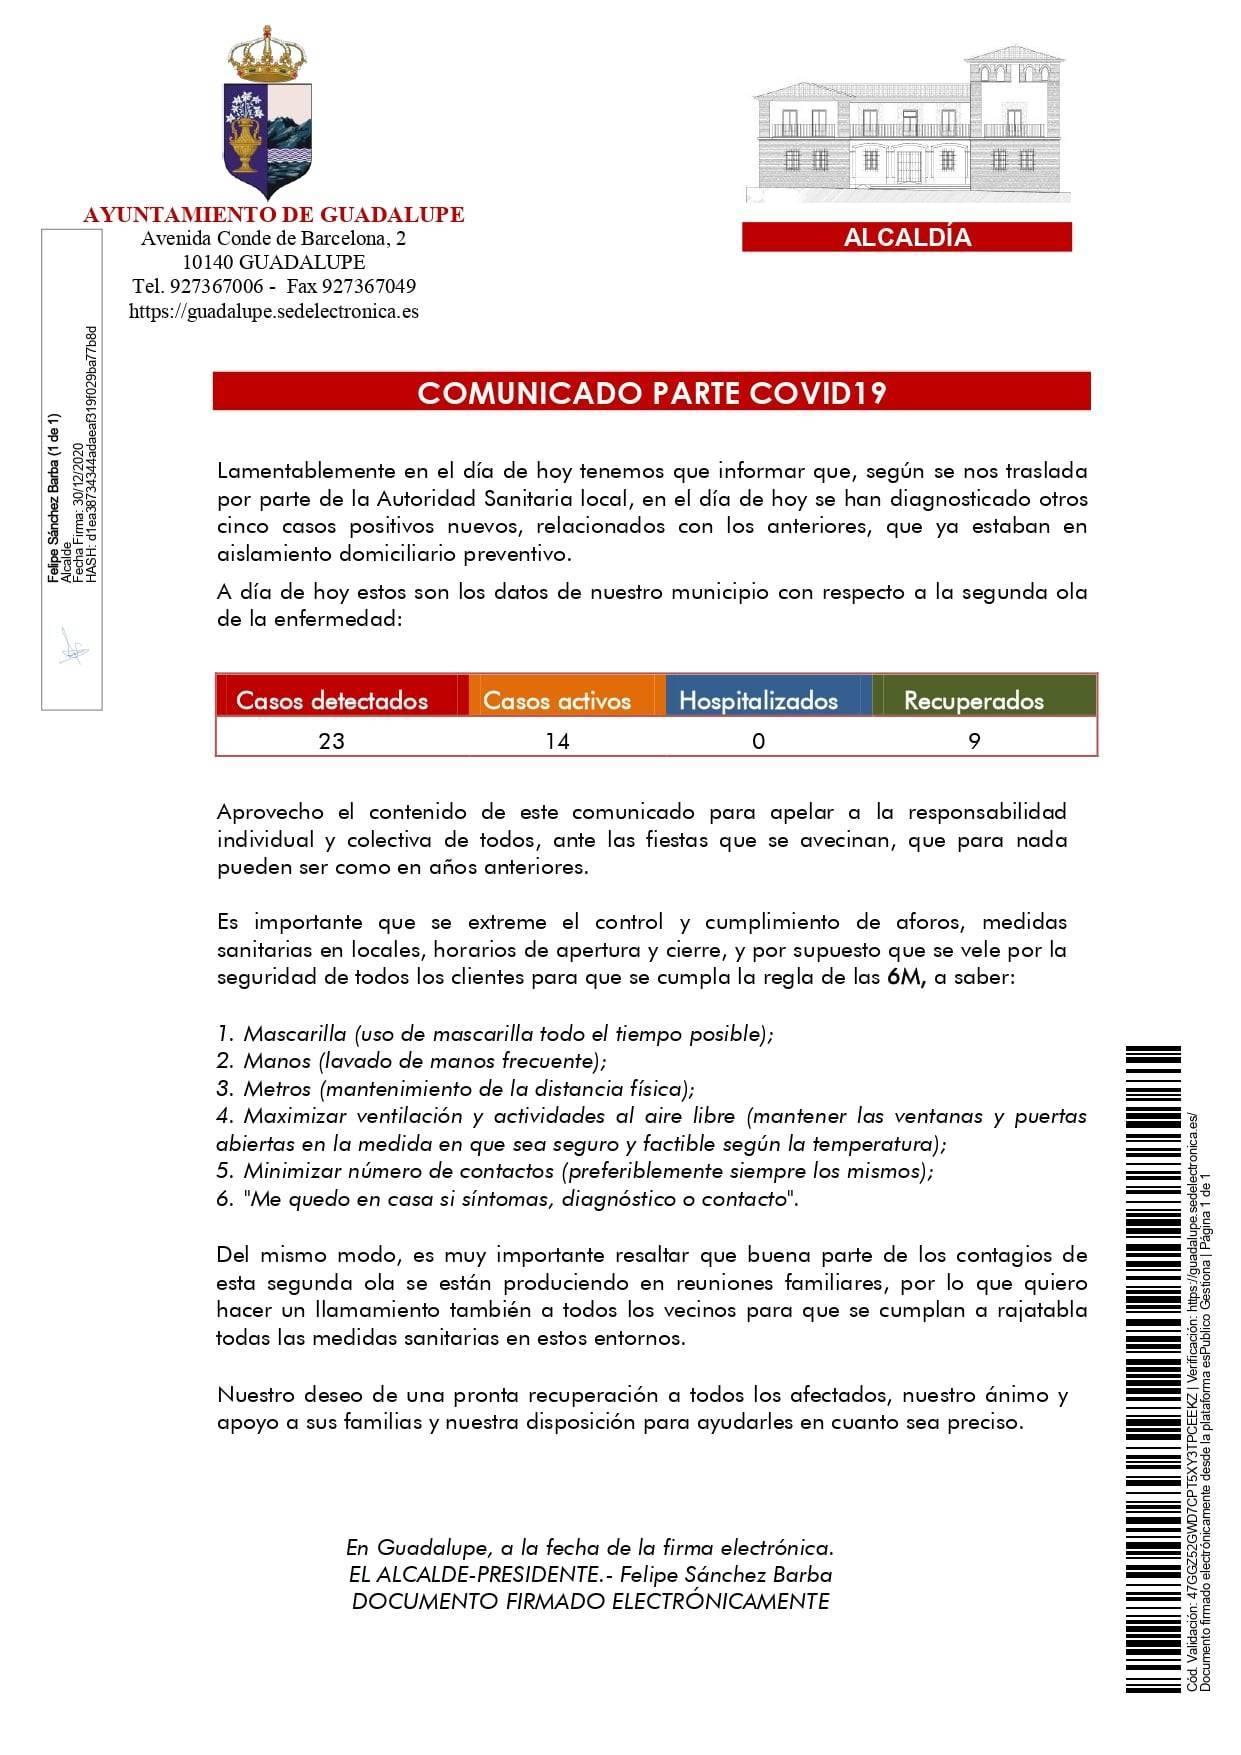 5 nuevos positivos y 3 nuevas altas de COVID-19 (diciembre 2020) - Guadalupe (Cáceres) 1